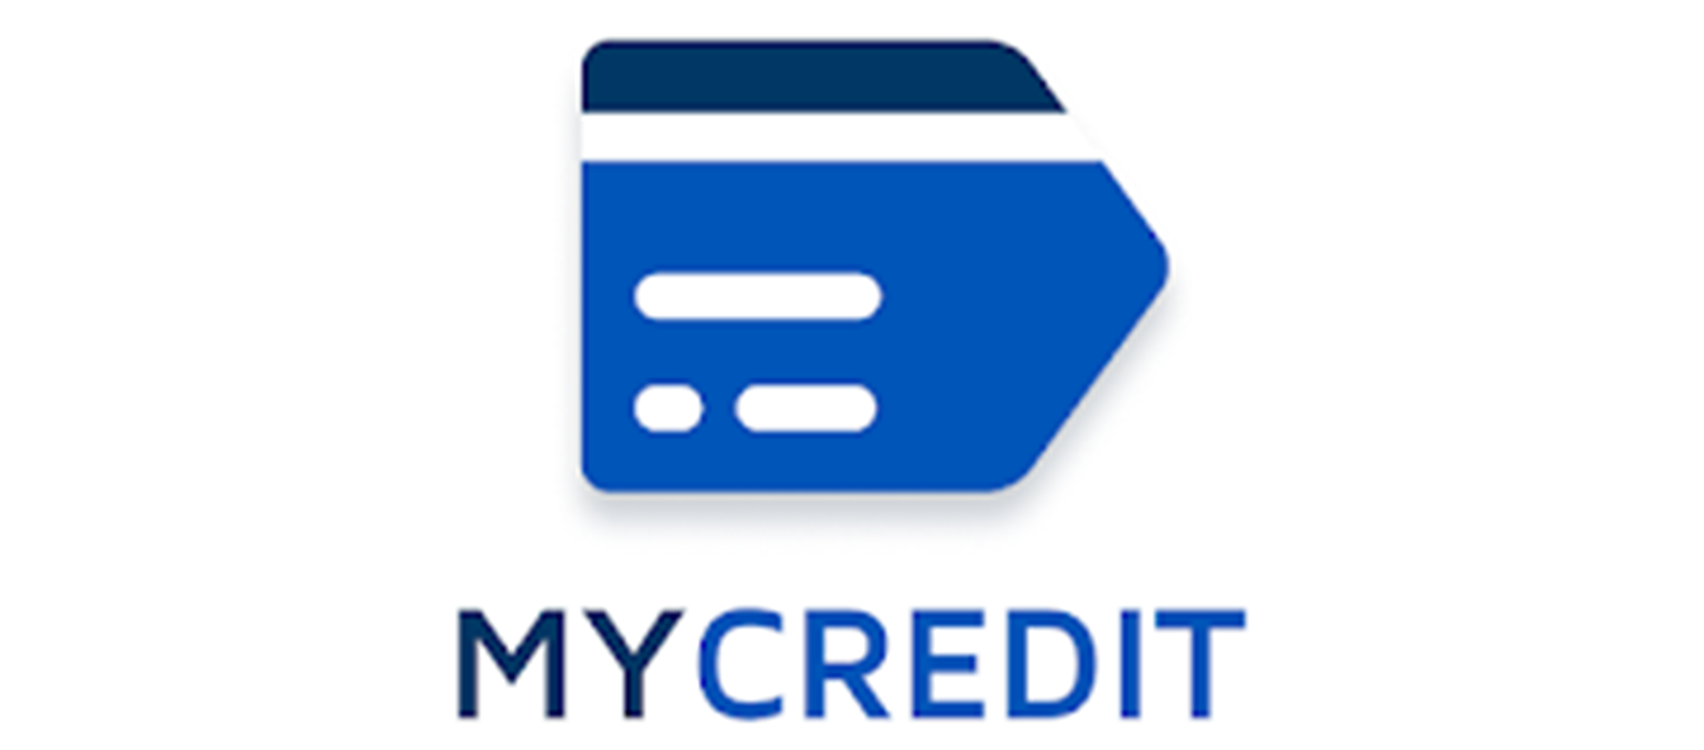 My Credit  (погашення кредиту)